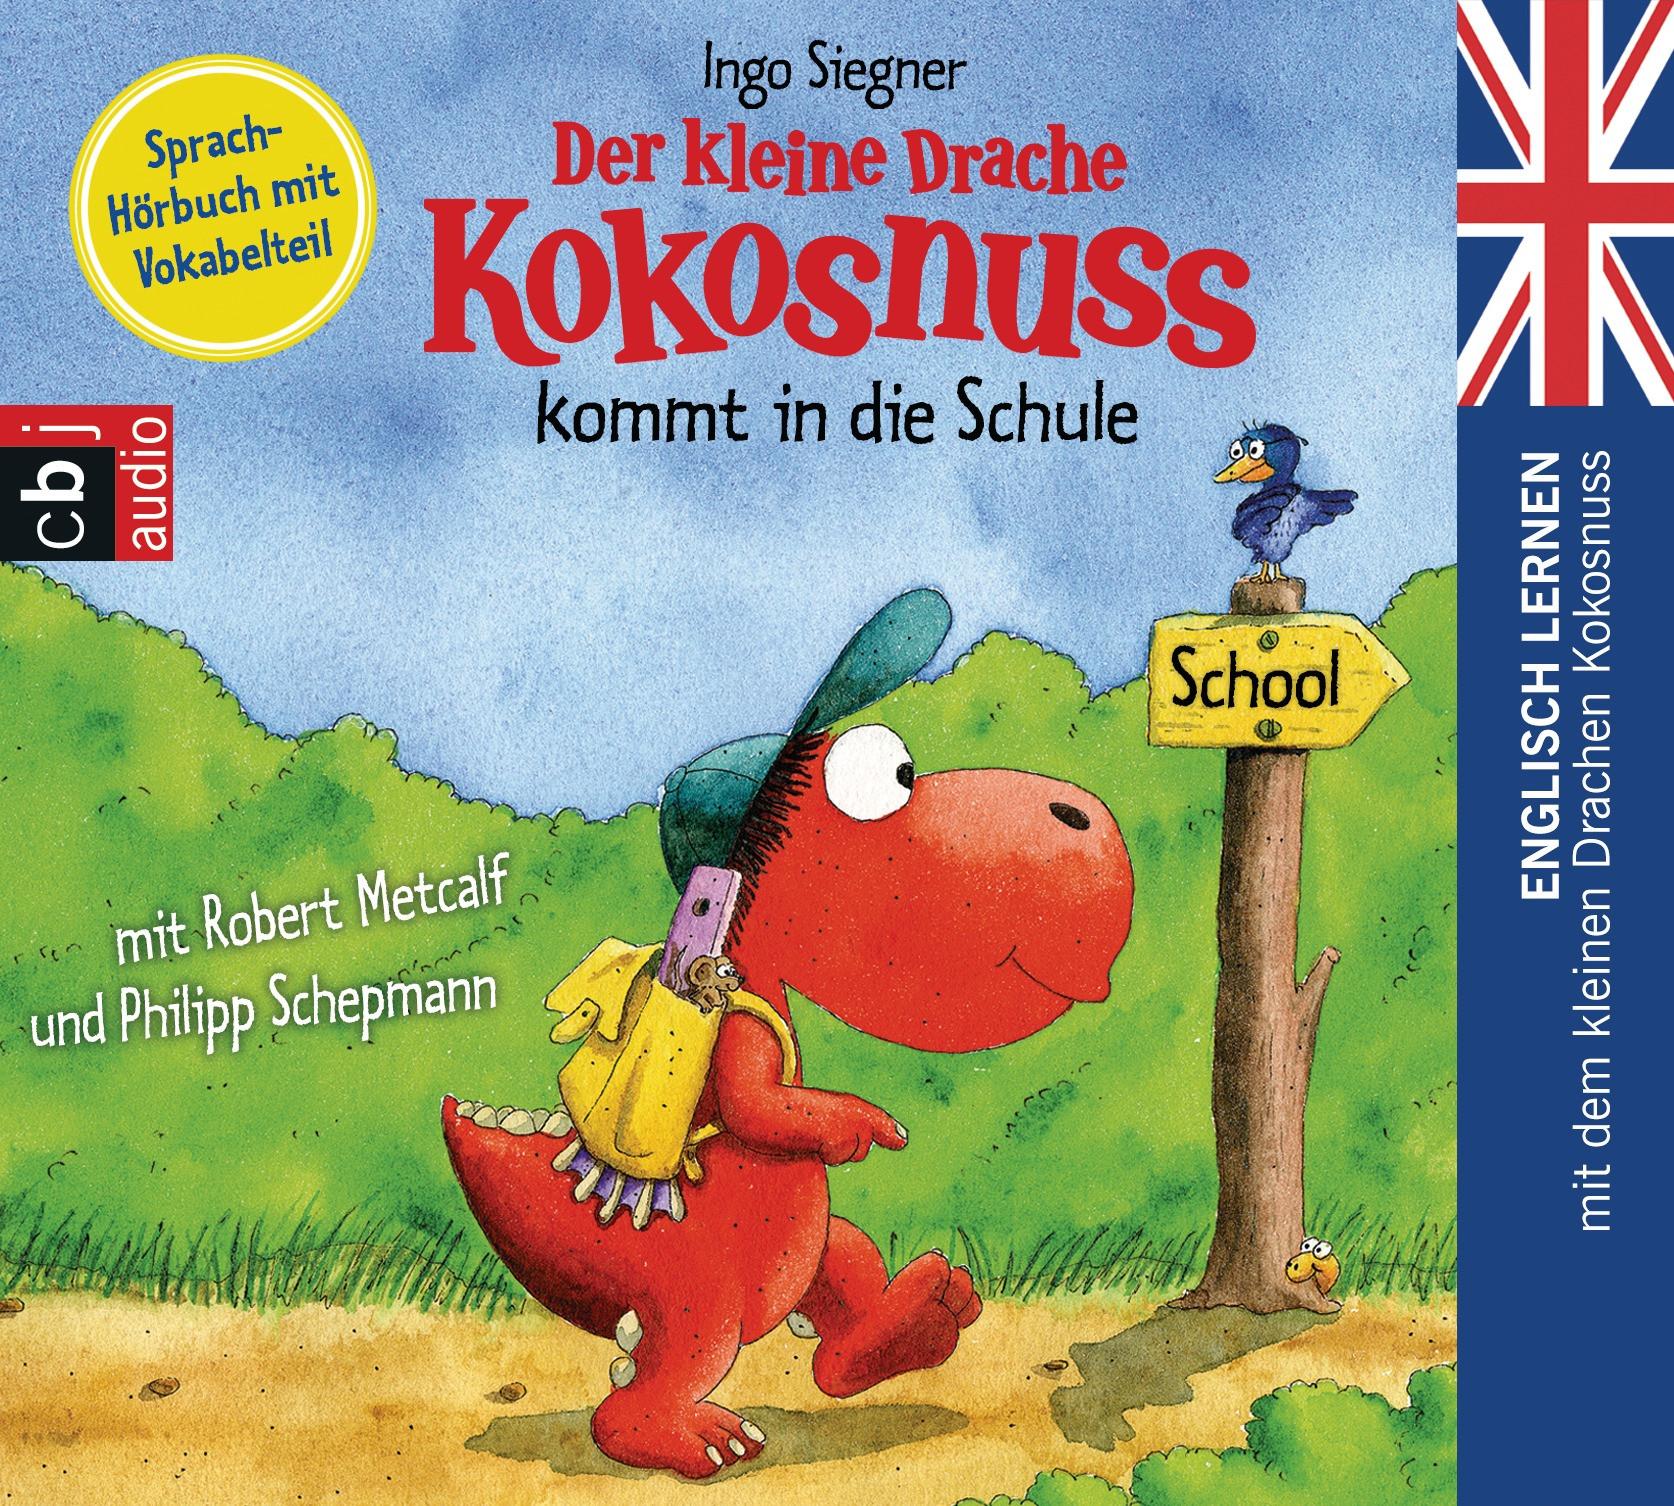 Der kleine Drache Kokosnuss kommt in die Schule - Englisch lernen